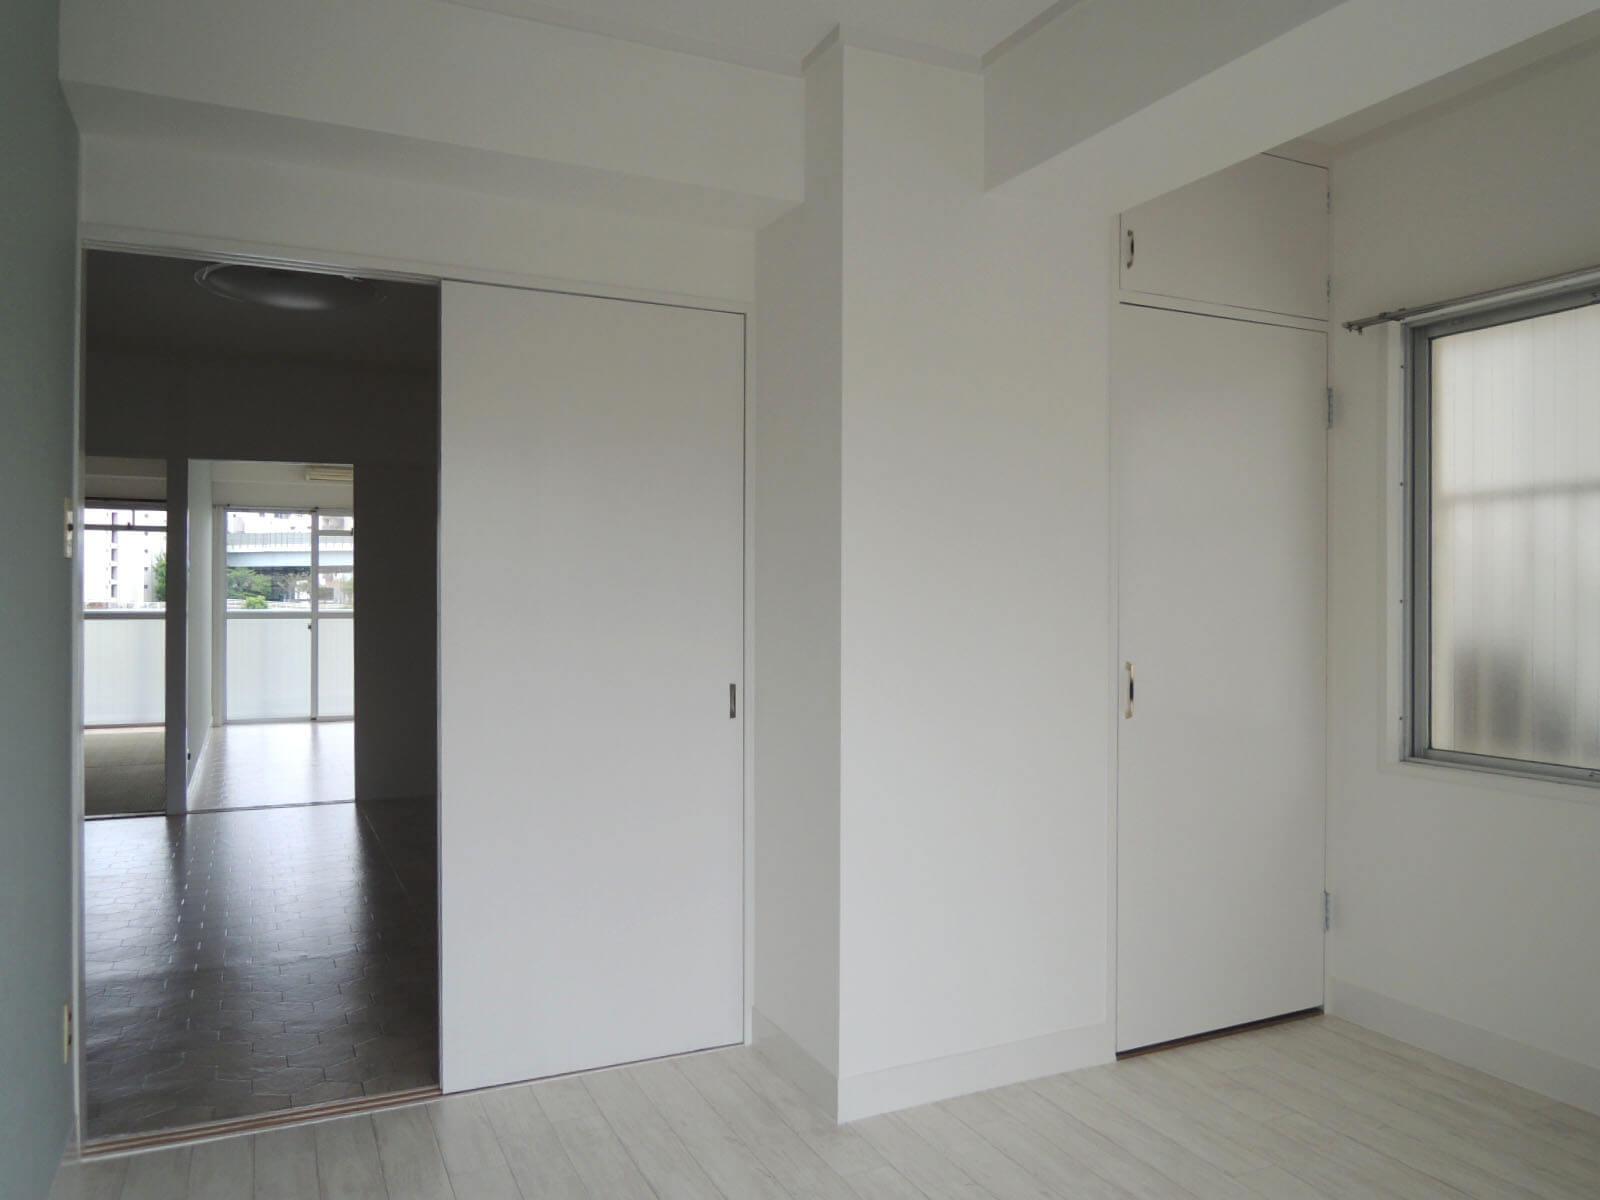 ここも引戸が外せます、右端の扉は小さめ収納